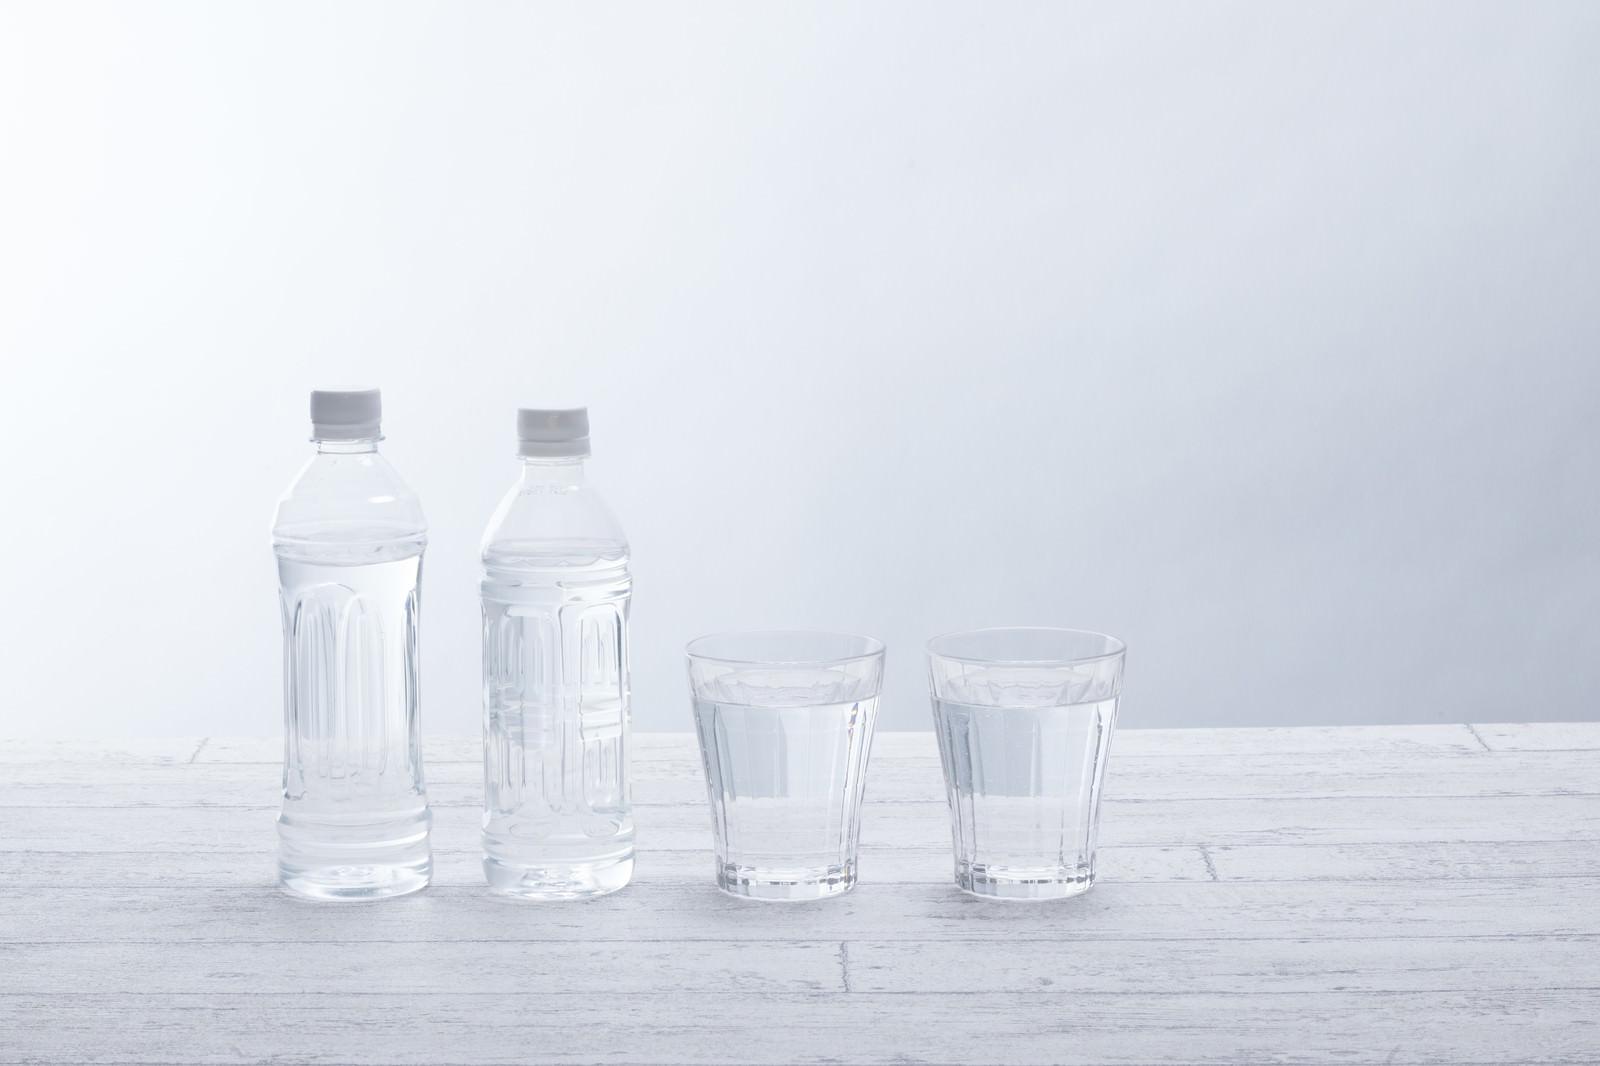 「水が入ったペットボトル2本とグラス」の写真